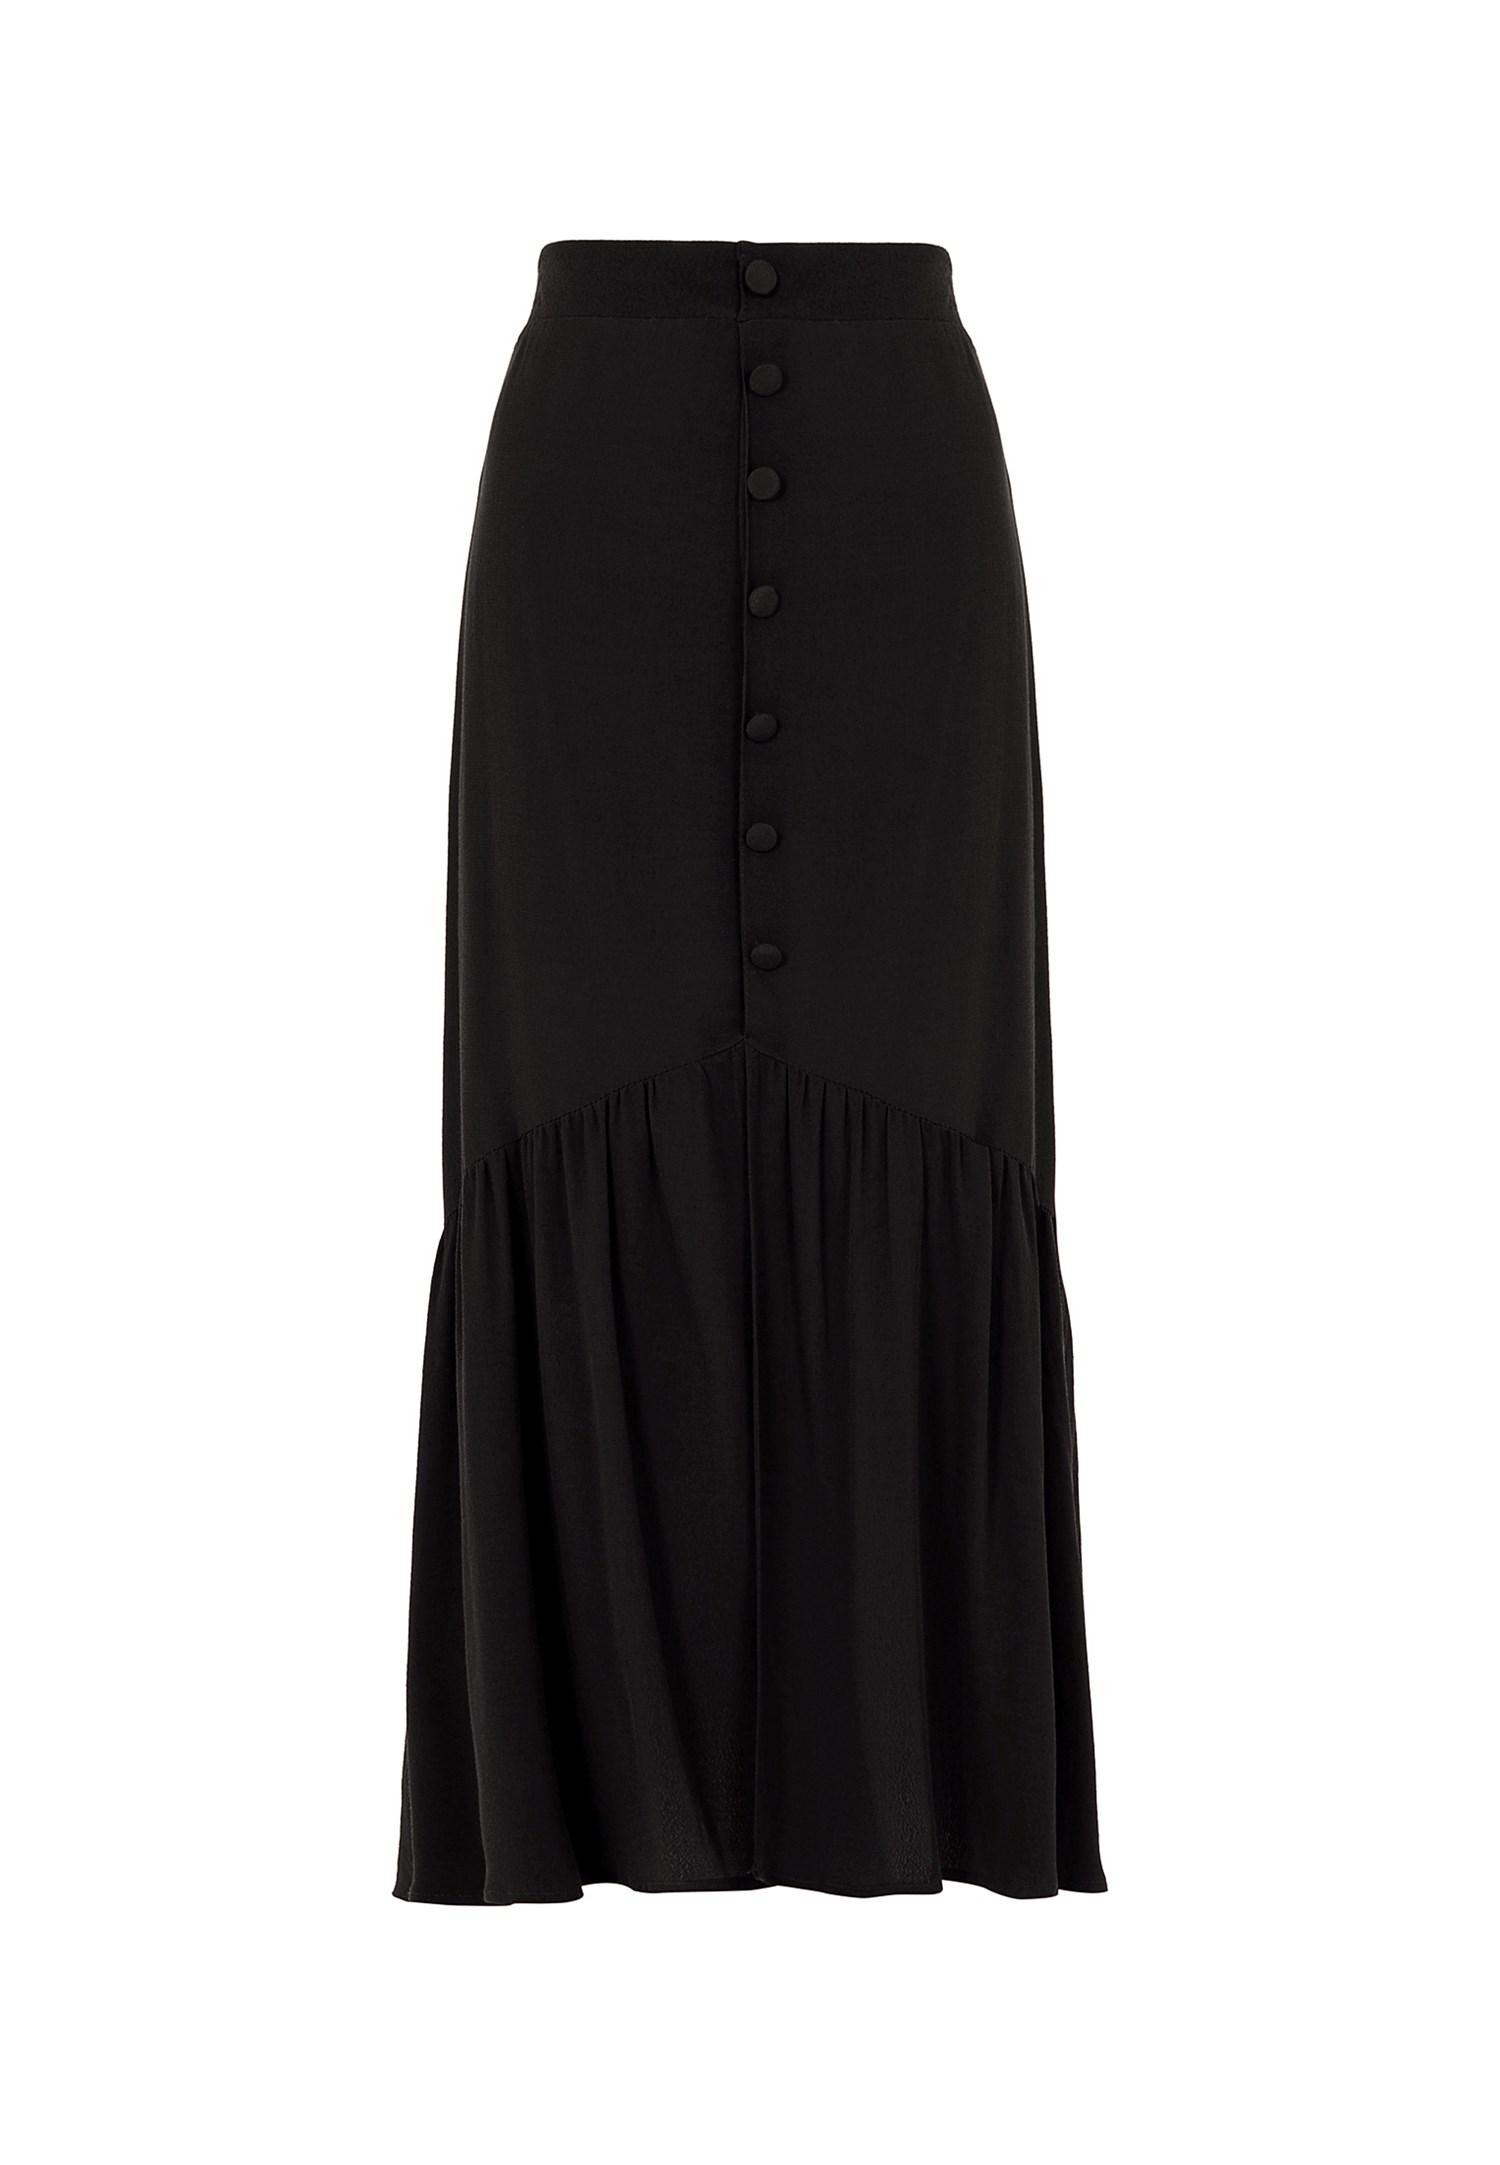 Bayan Siyah Düğme Detaylı Maxi Etek